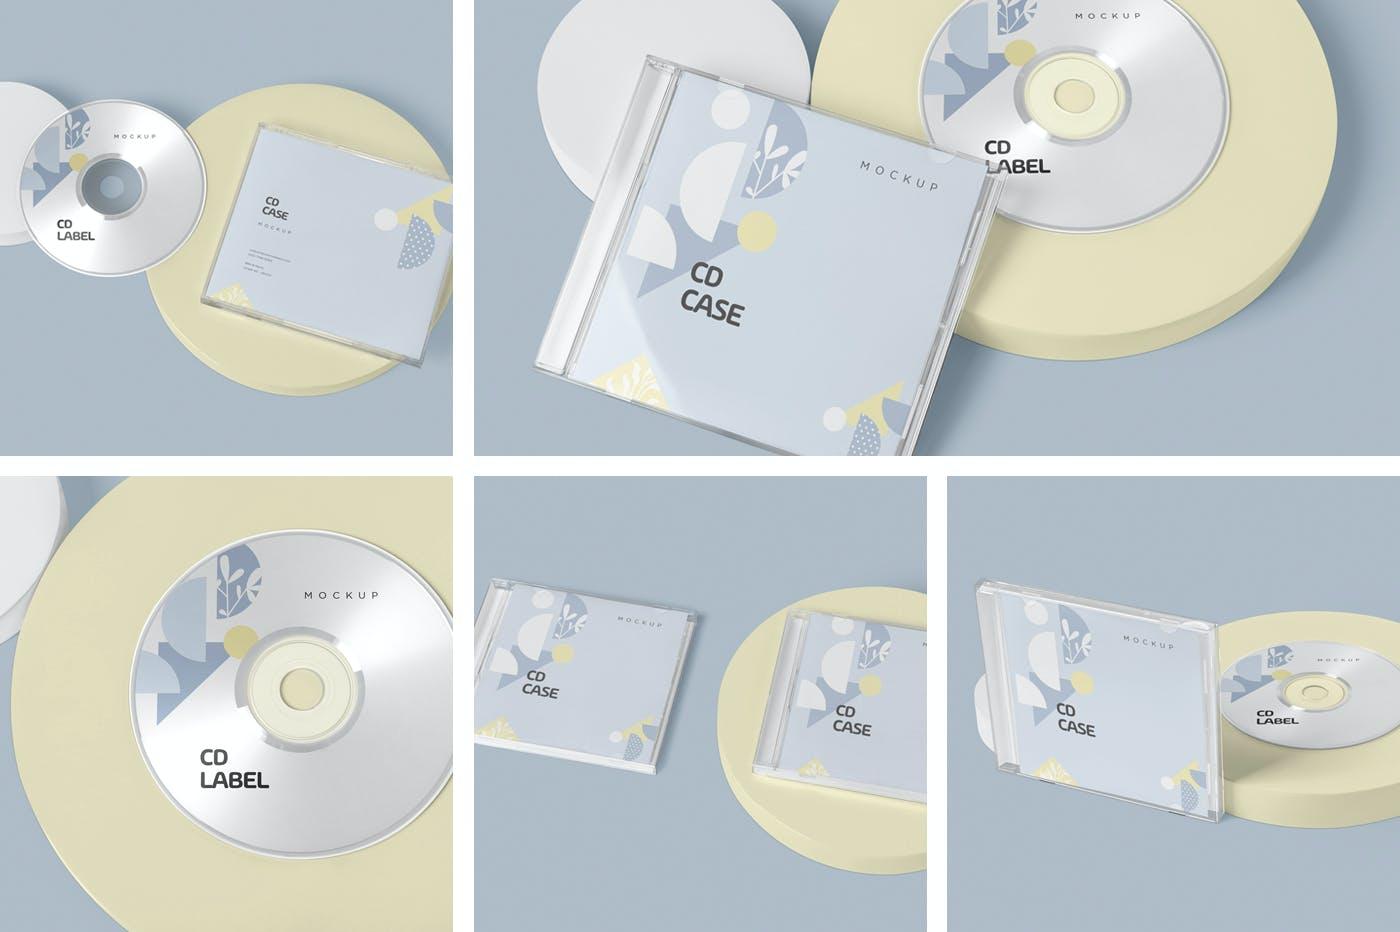 古典音乐CD标签和包装盒样机模版素材9GZQ7EC插图(1)